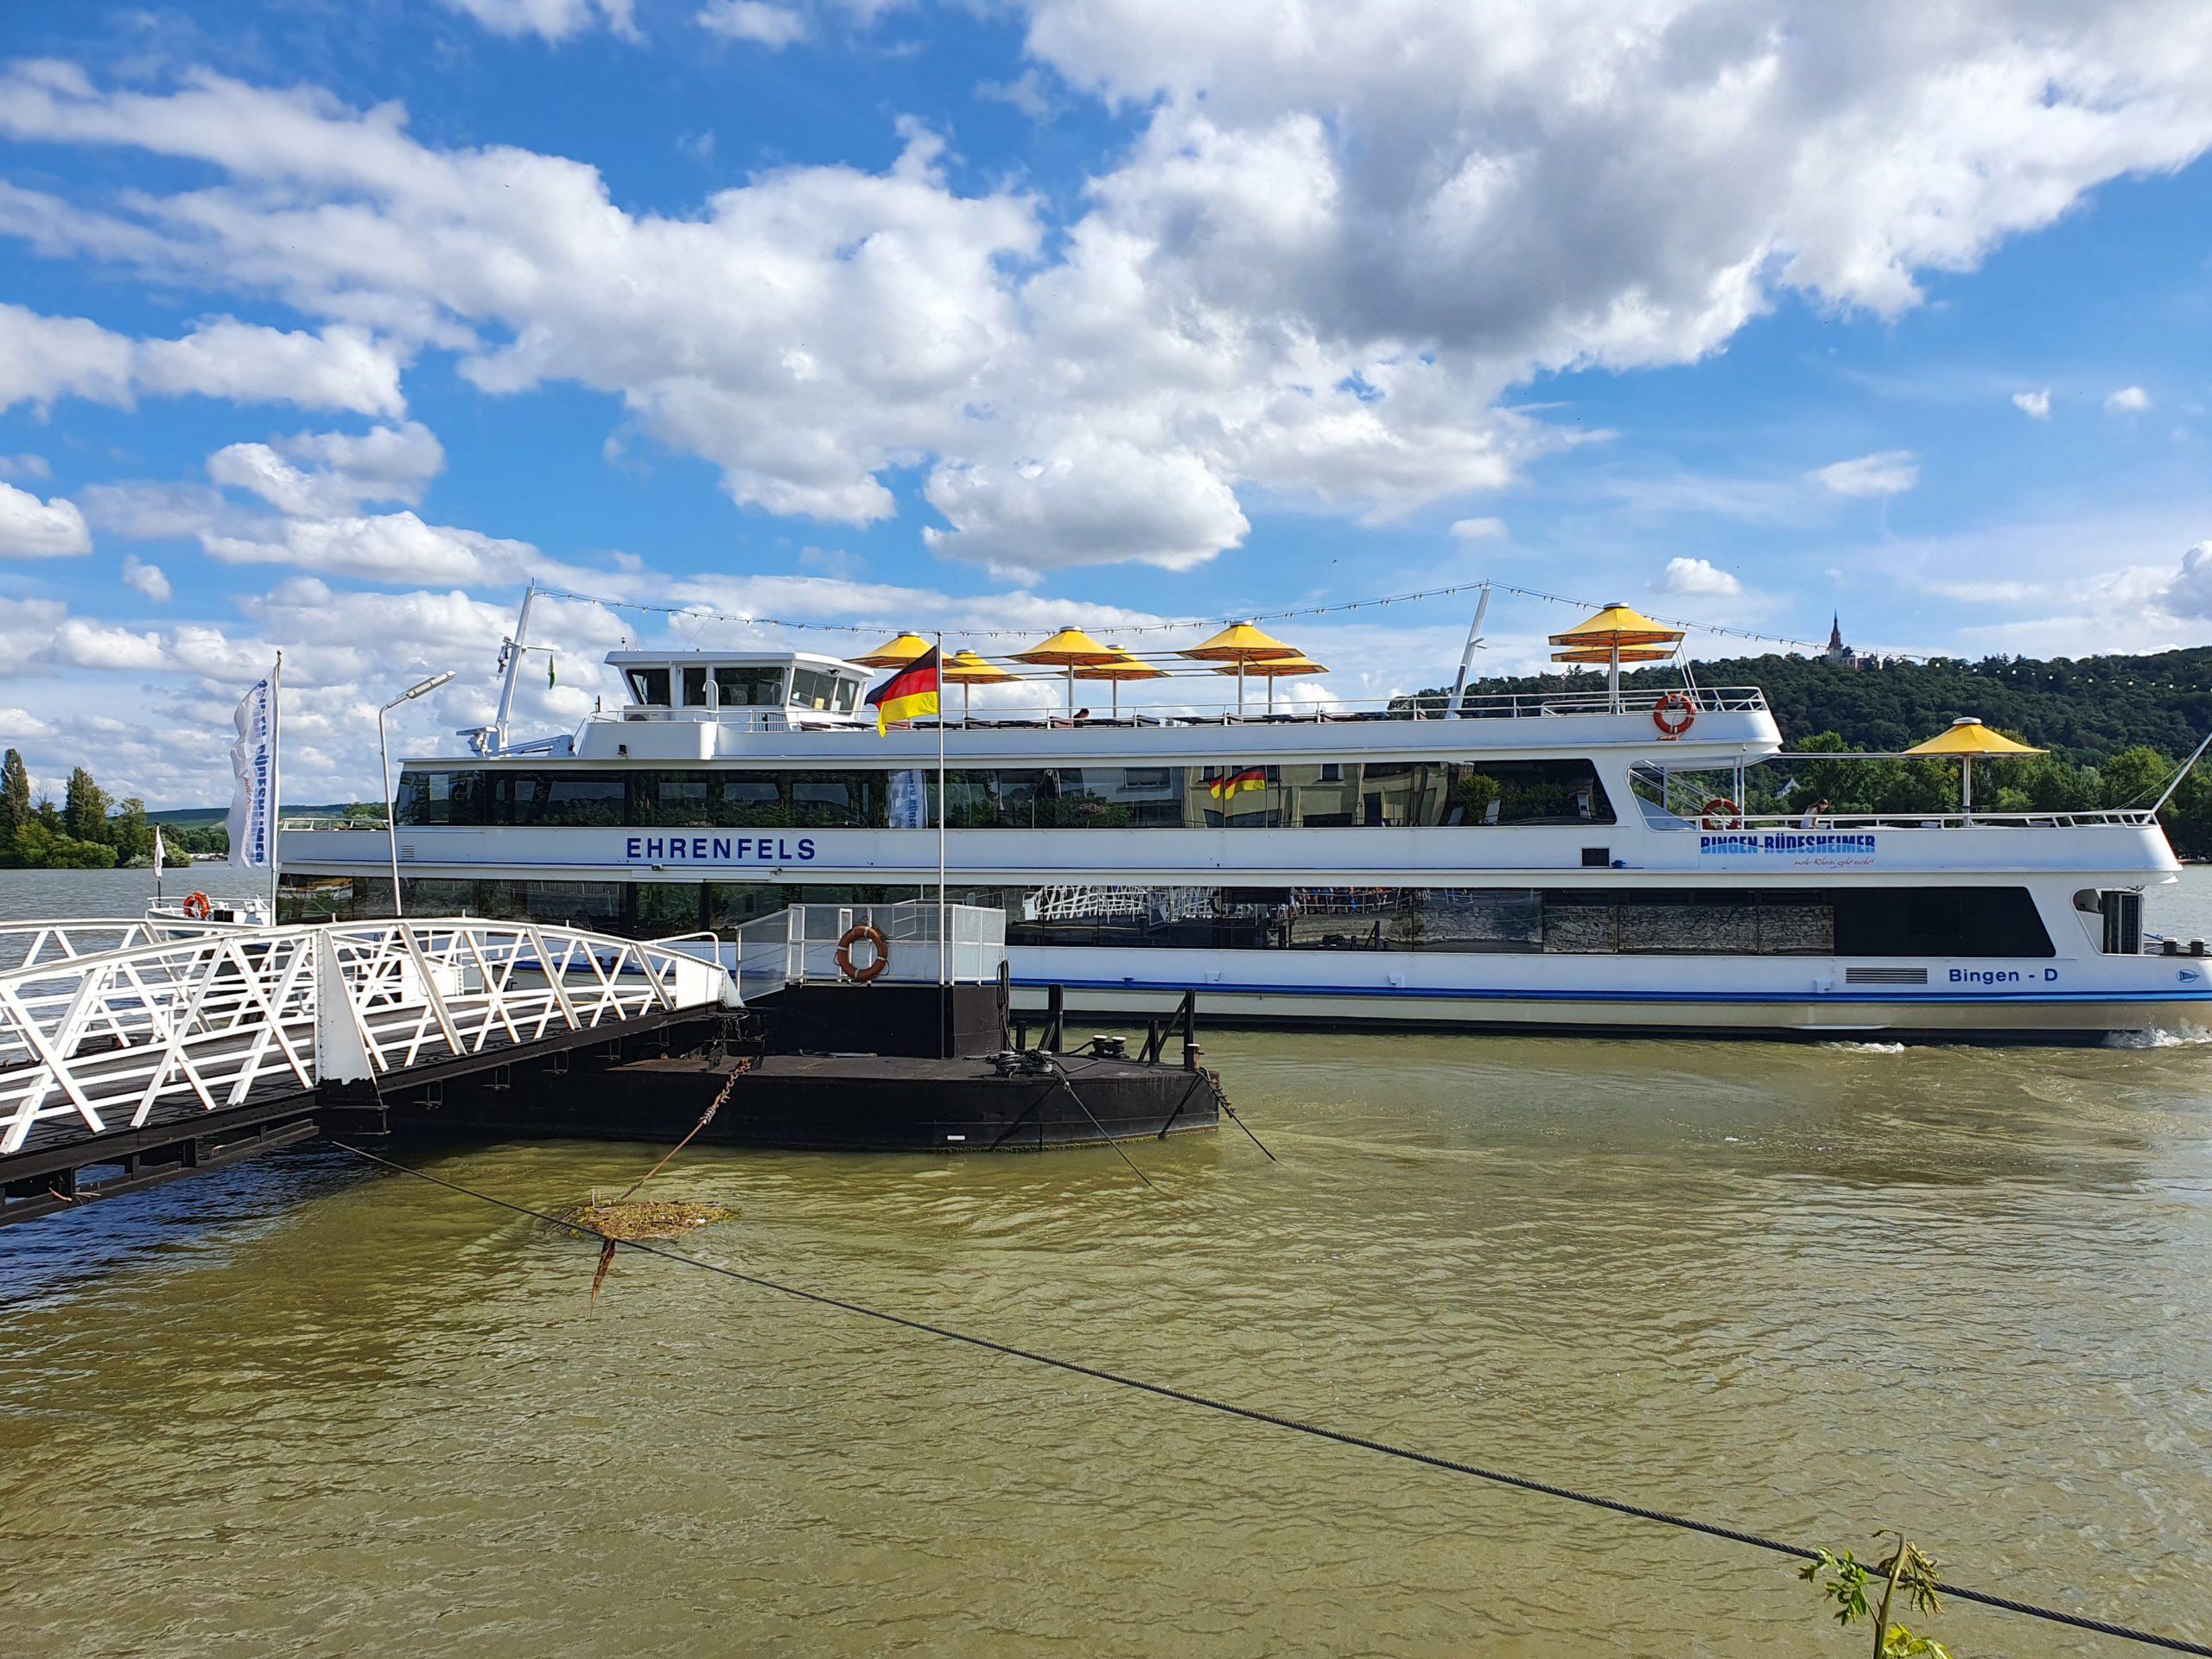 Schifffahrt, Rüdesheim, Winzerexpressbahn, Weinberge